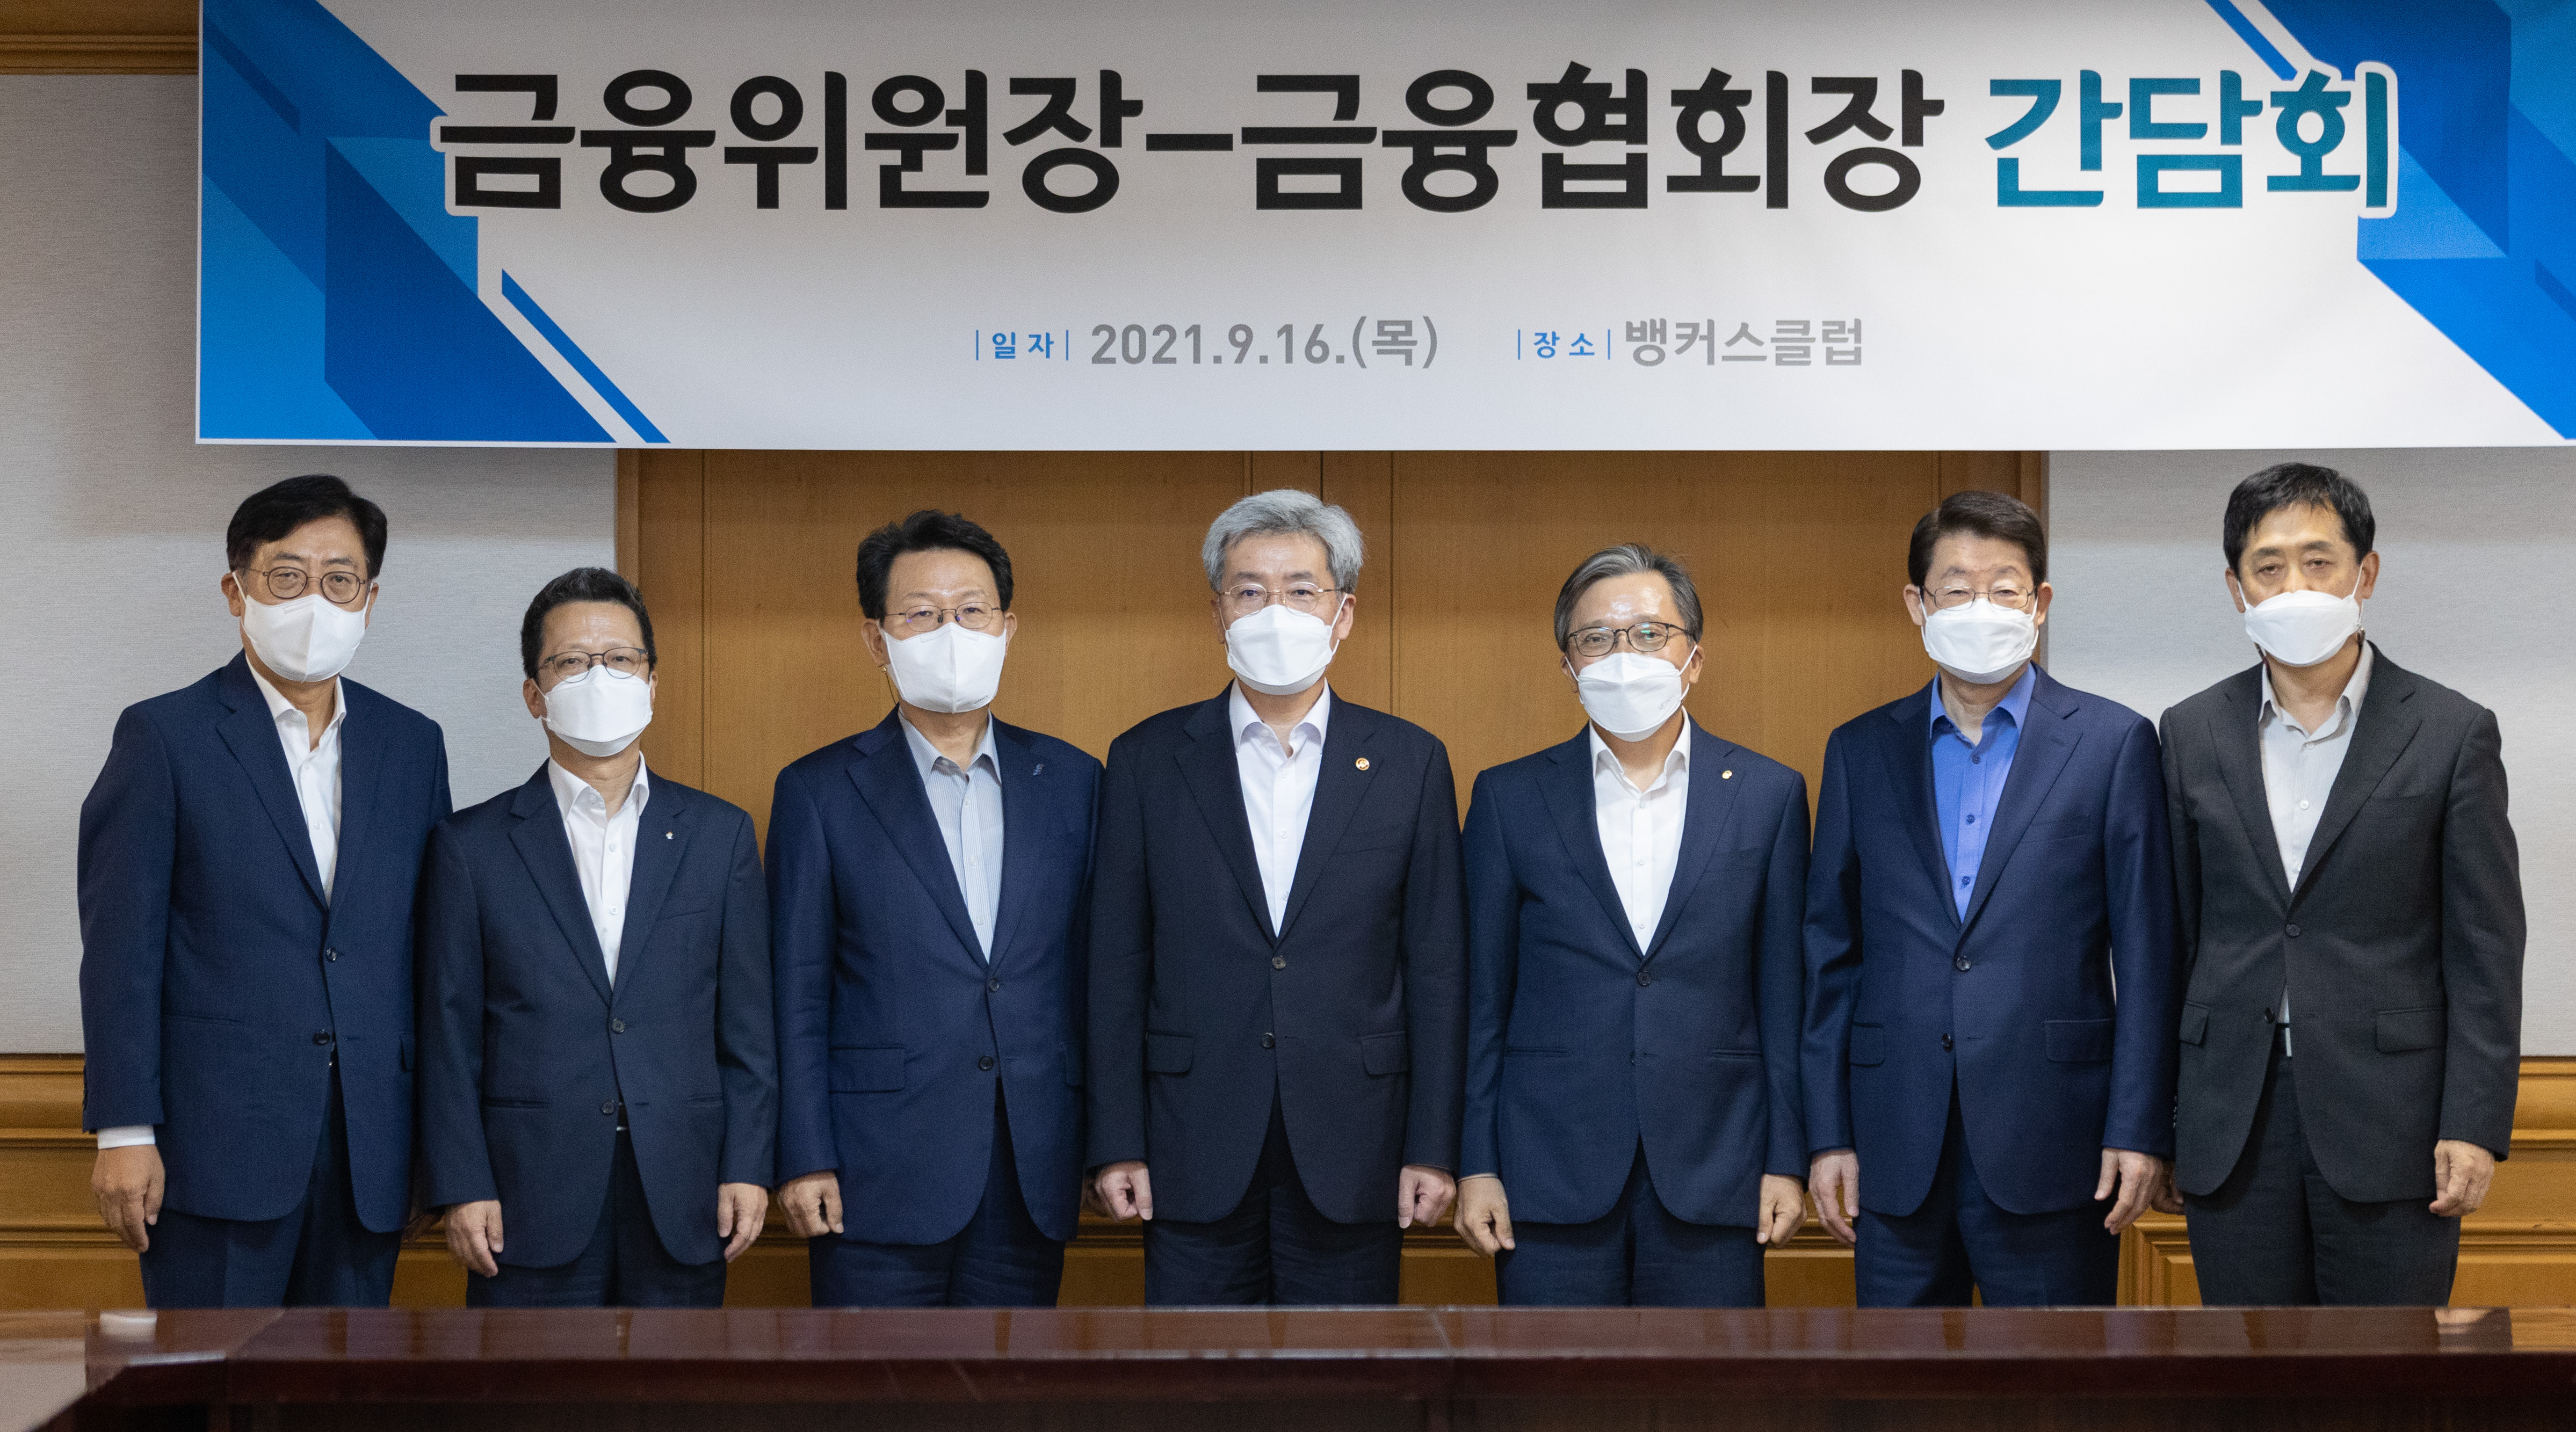 금융협회장 만난 고승범 '코로나 대출 재연장 합의'